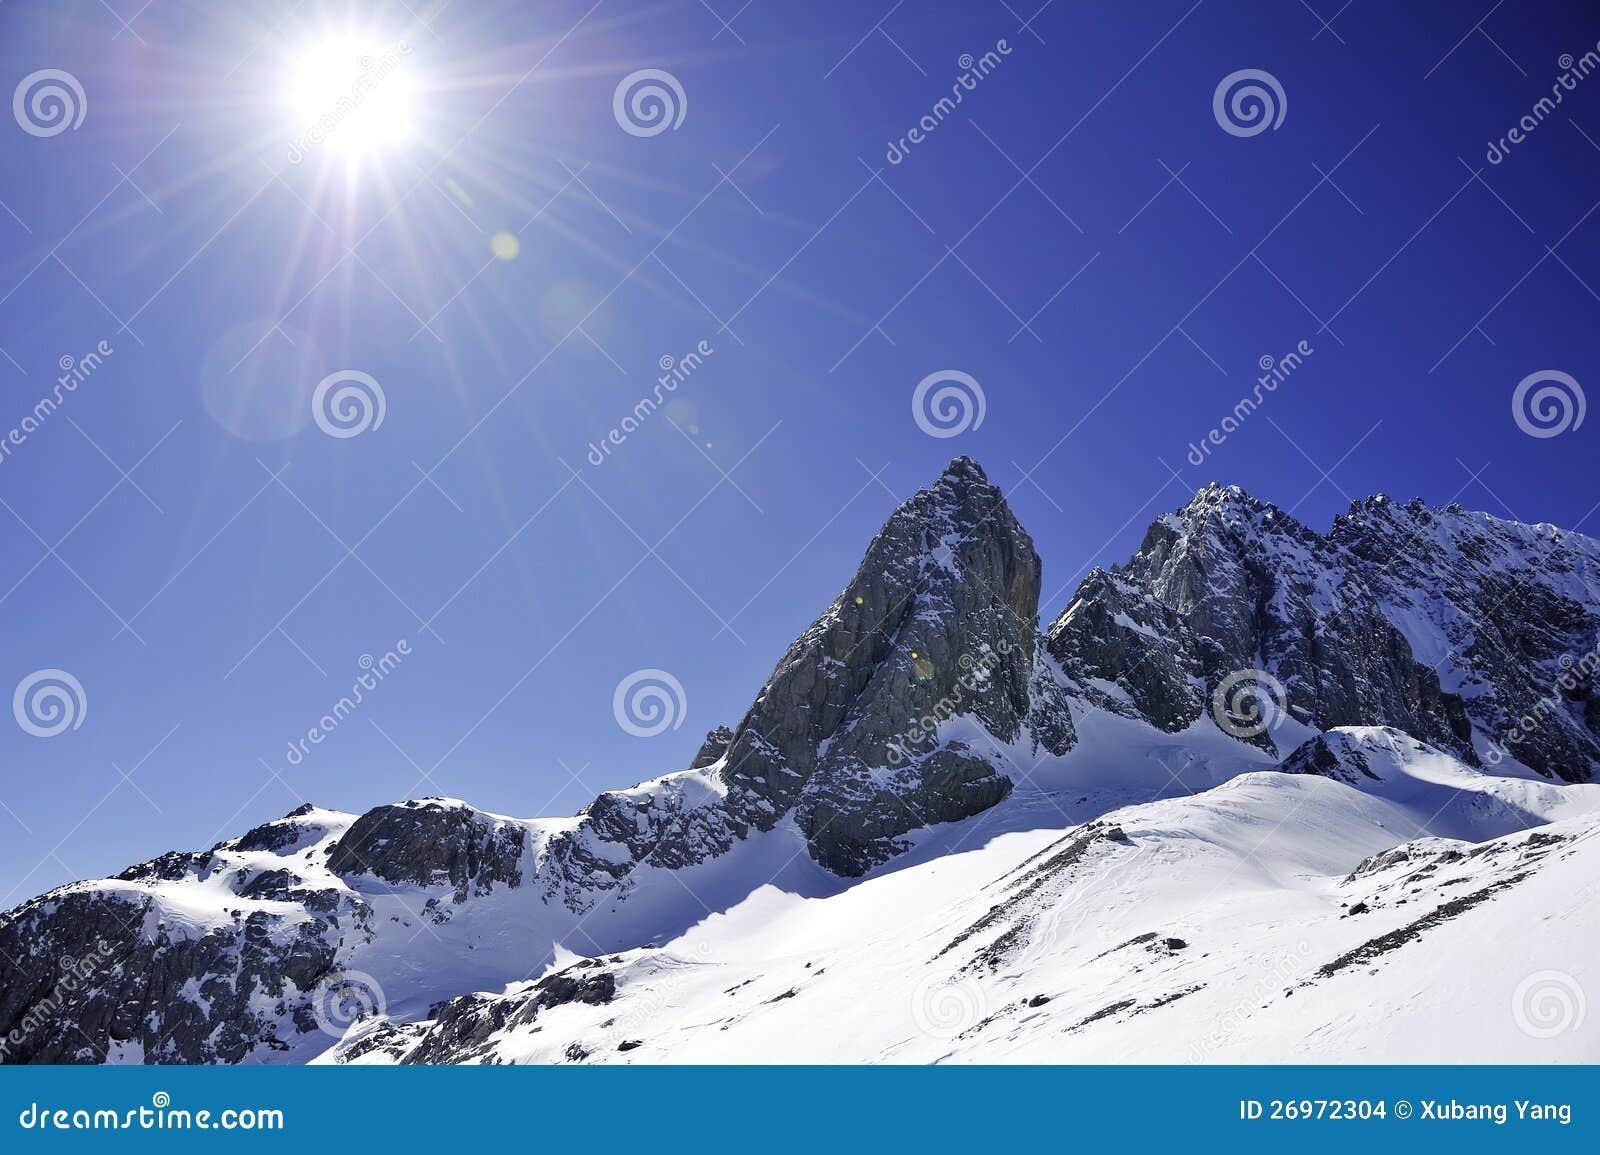 Montagne de neige avec le ciel ensoleillé